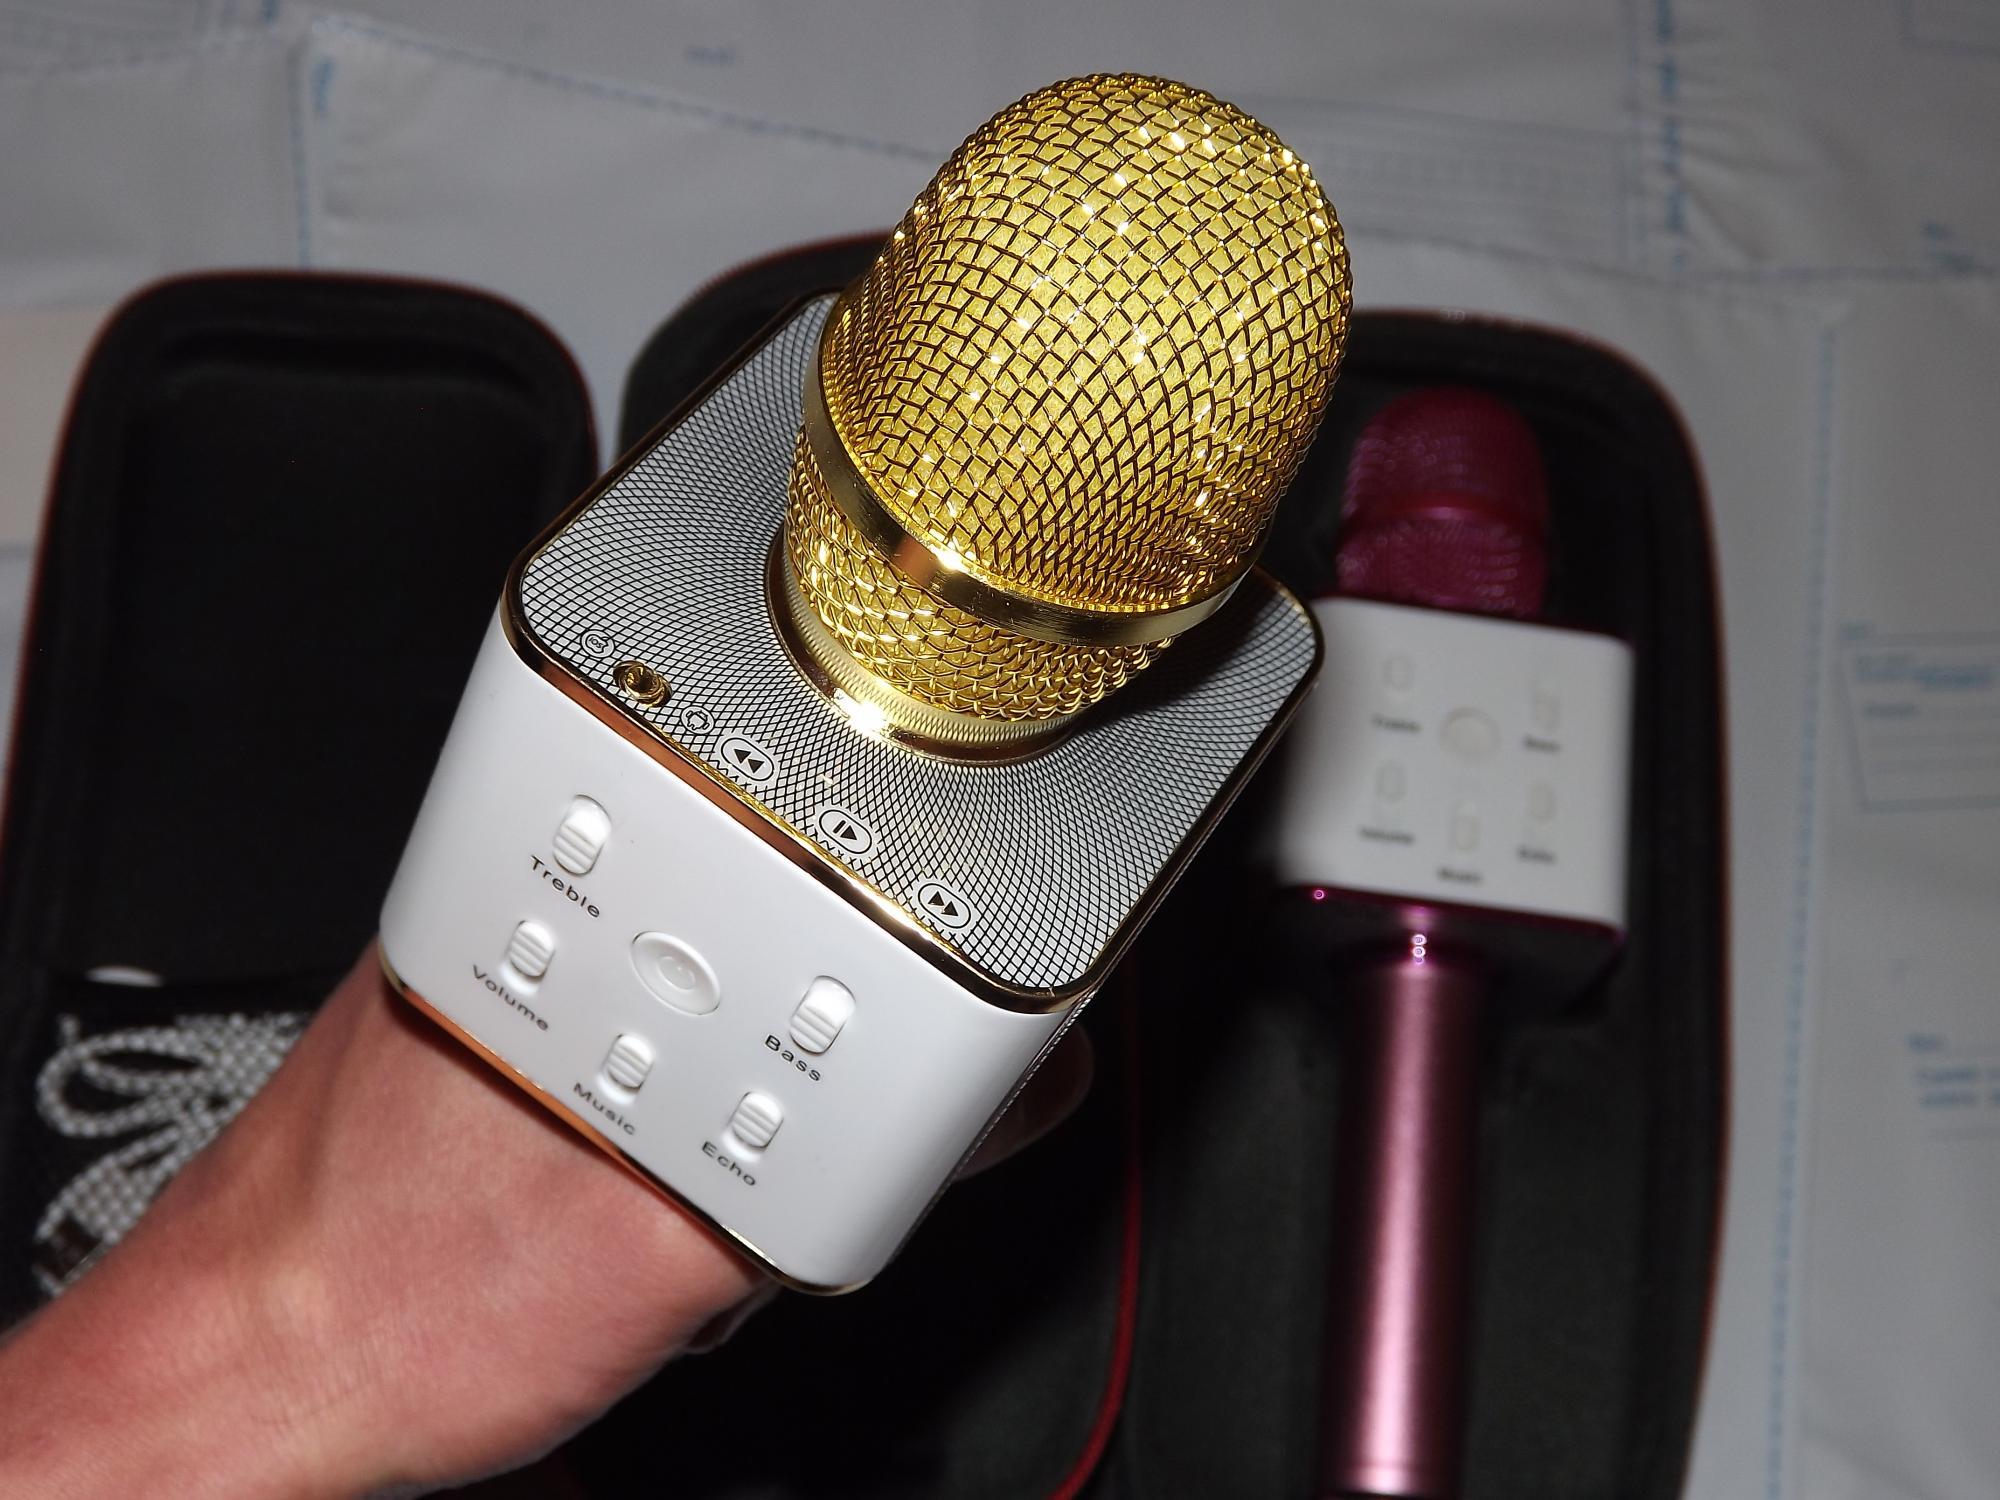 картинки золотого микрофона с колонкой есть смысл